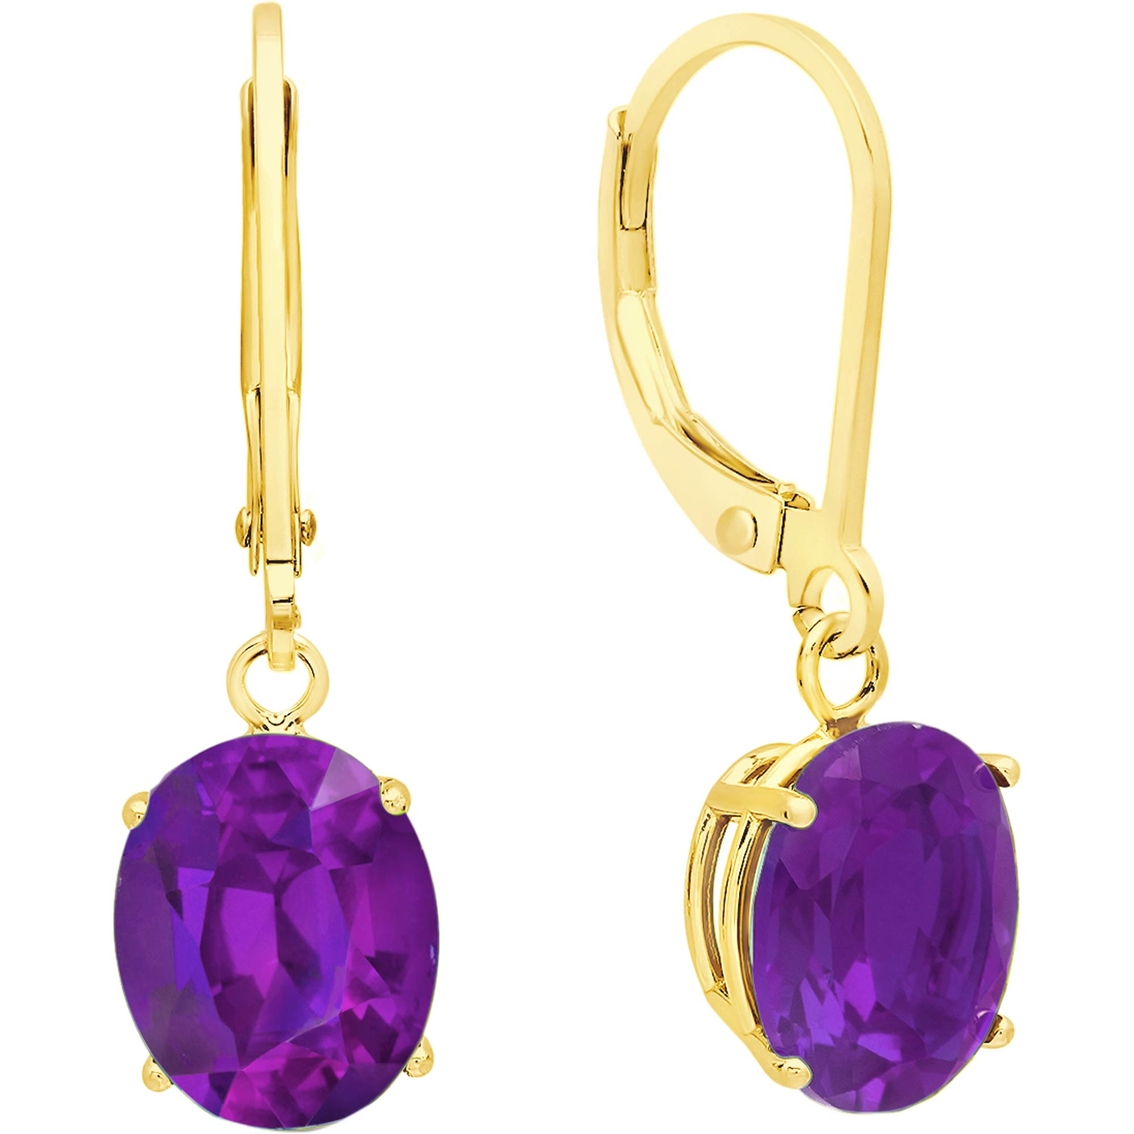 14k White Gold Oval Amethyst Leverback Earrings